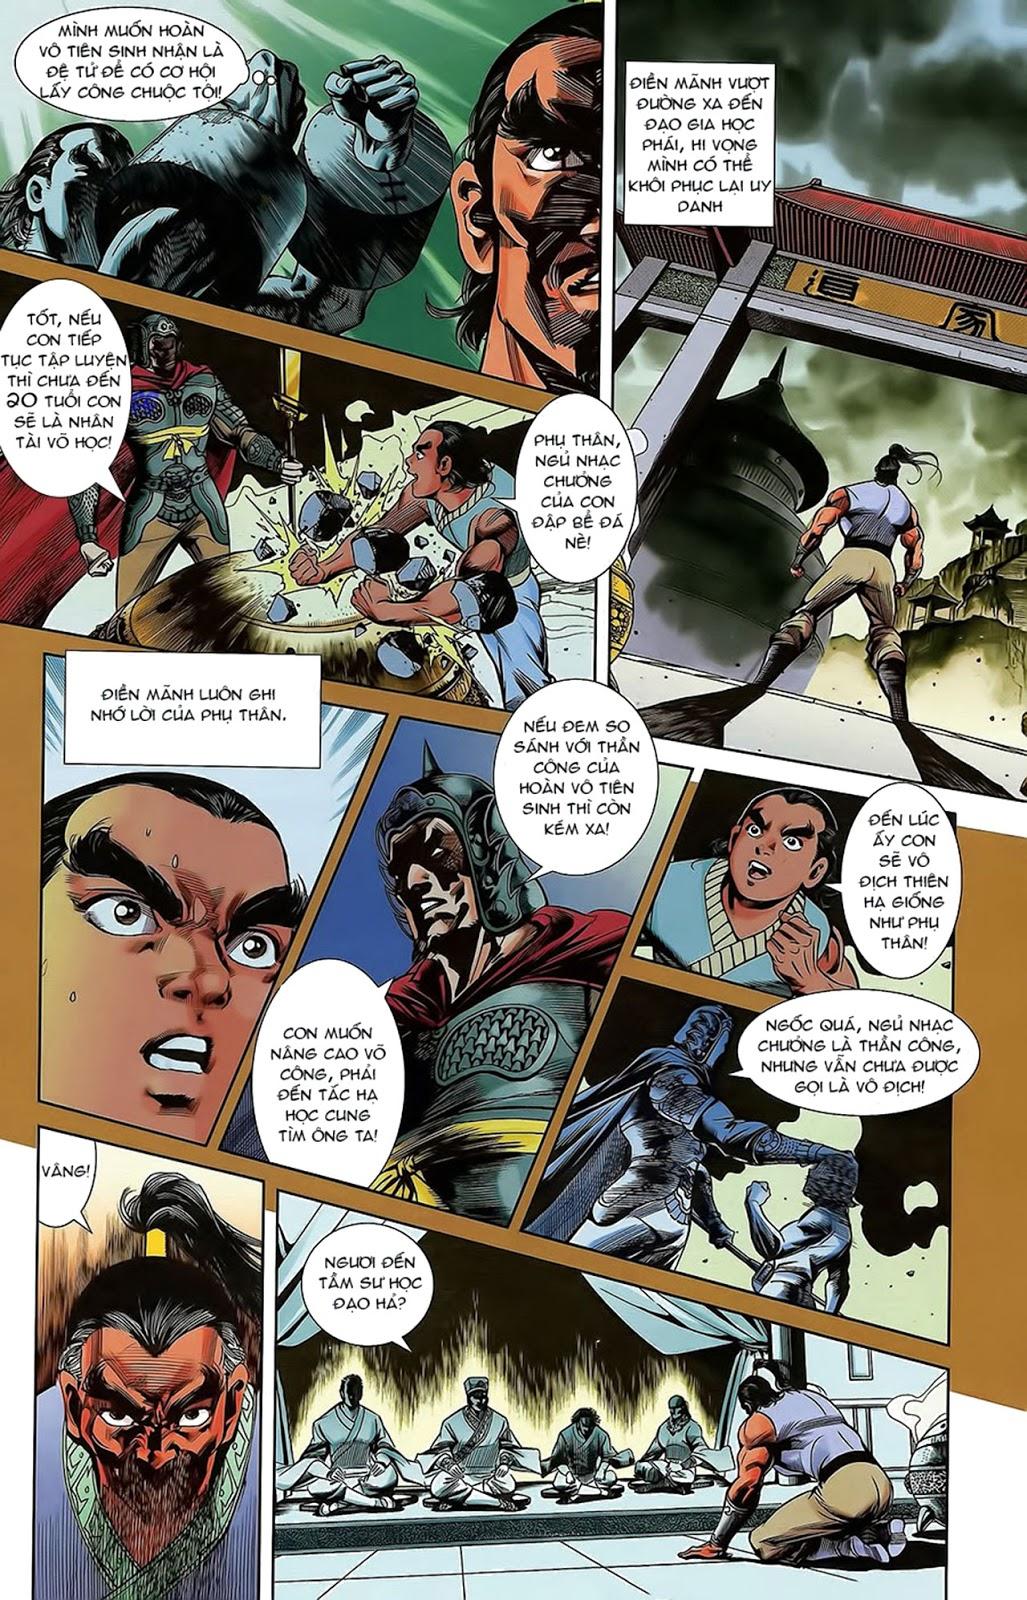 Tần Vương Doanh Chính chapter 15 trang 11